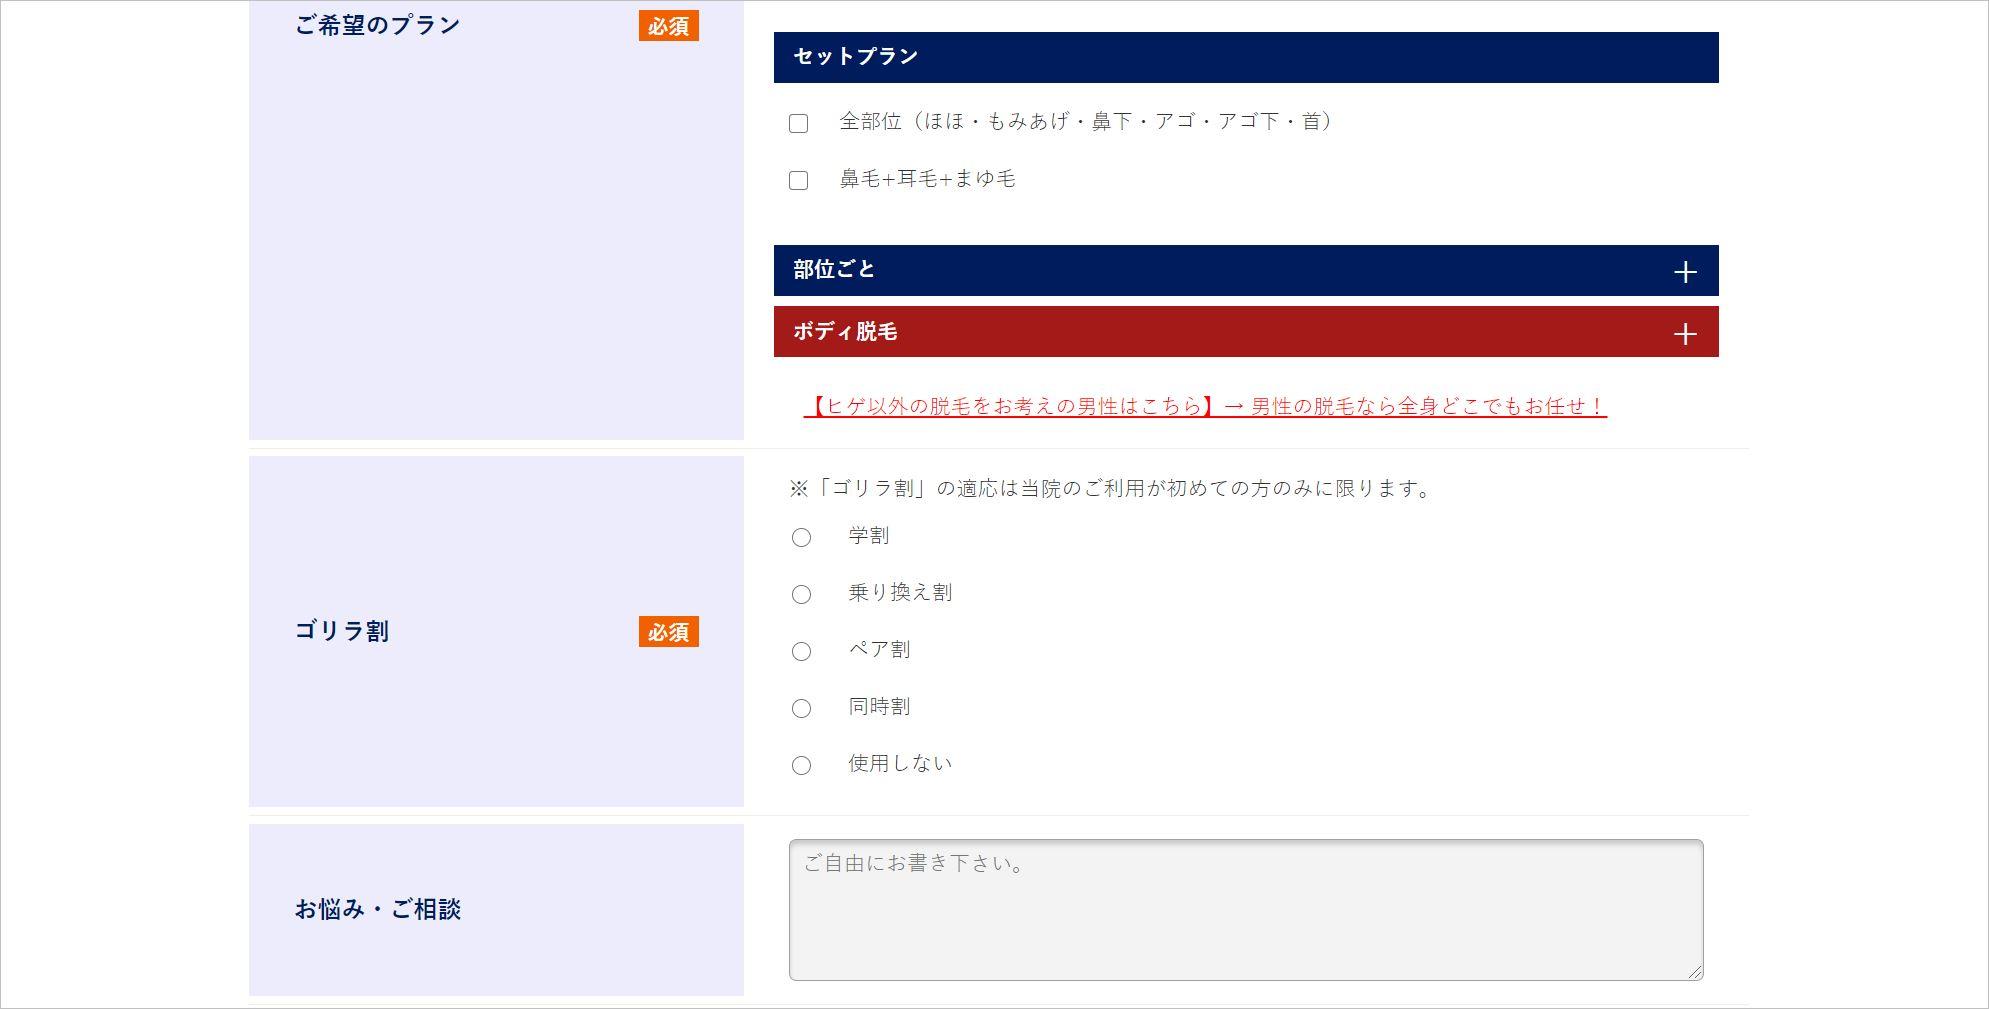 ゴリラクリニックWeb予約時のオンラインフォーム4